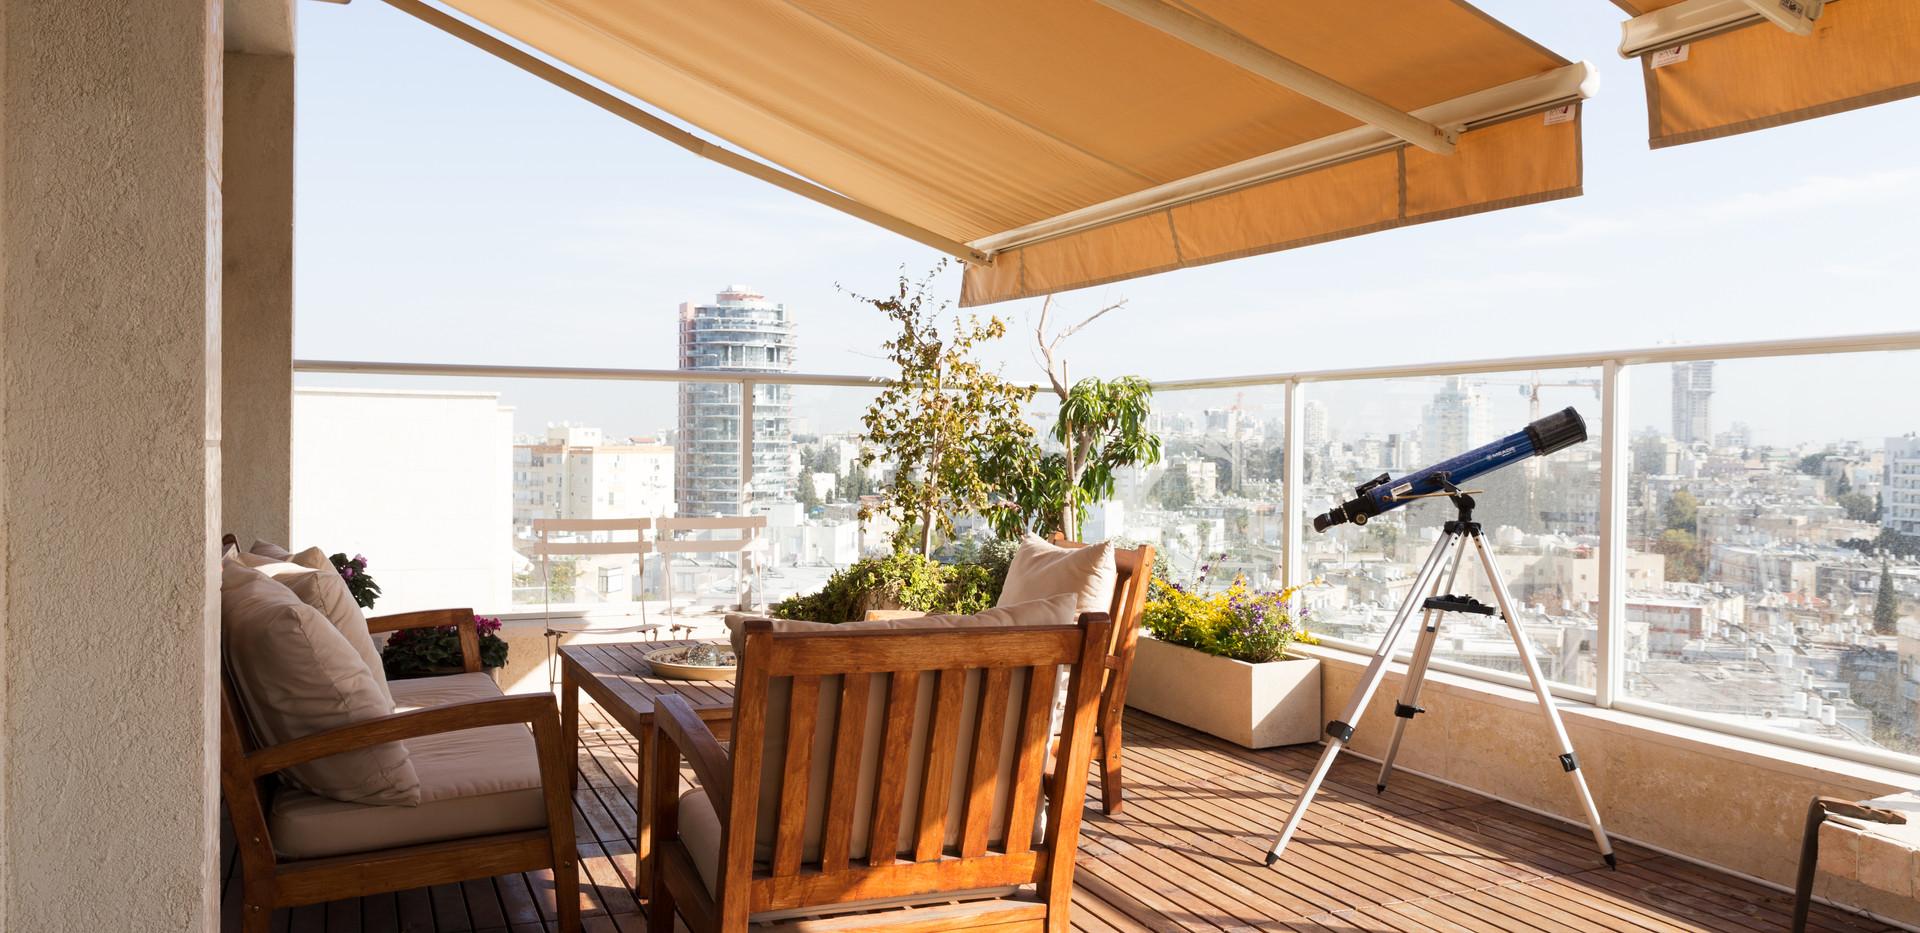 פינת ישיבה במרפסת גג